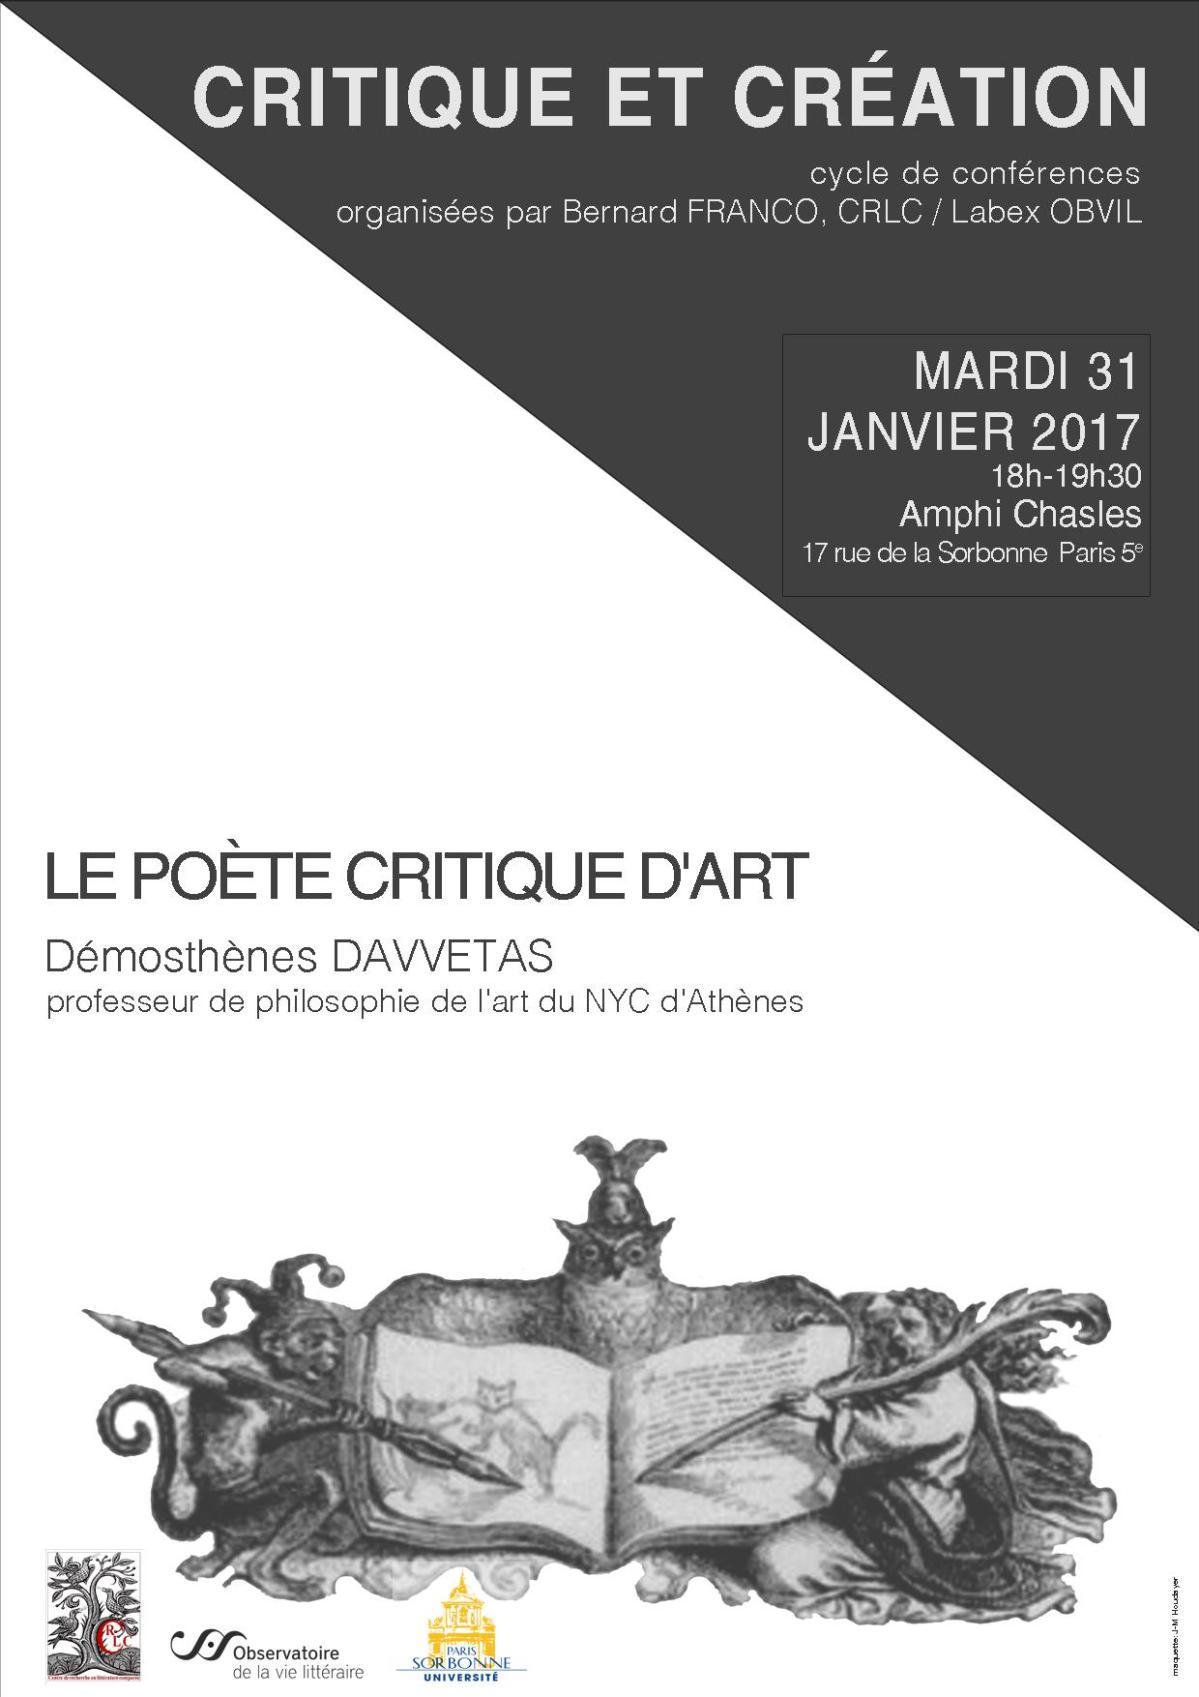 Mardi 31 janvier 2017-cycle de conférences-Démosthènes Davvetas